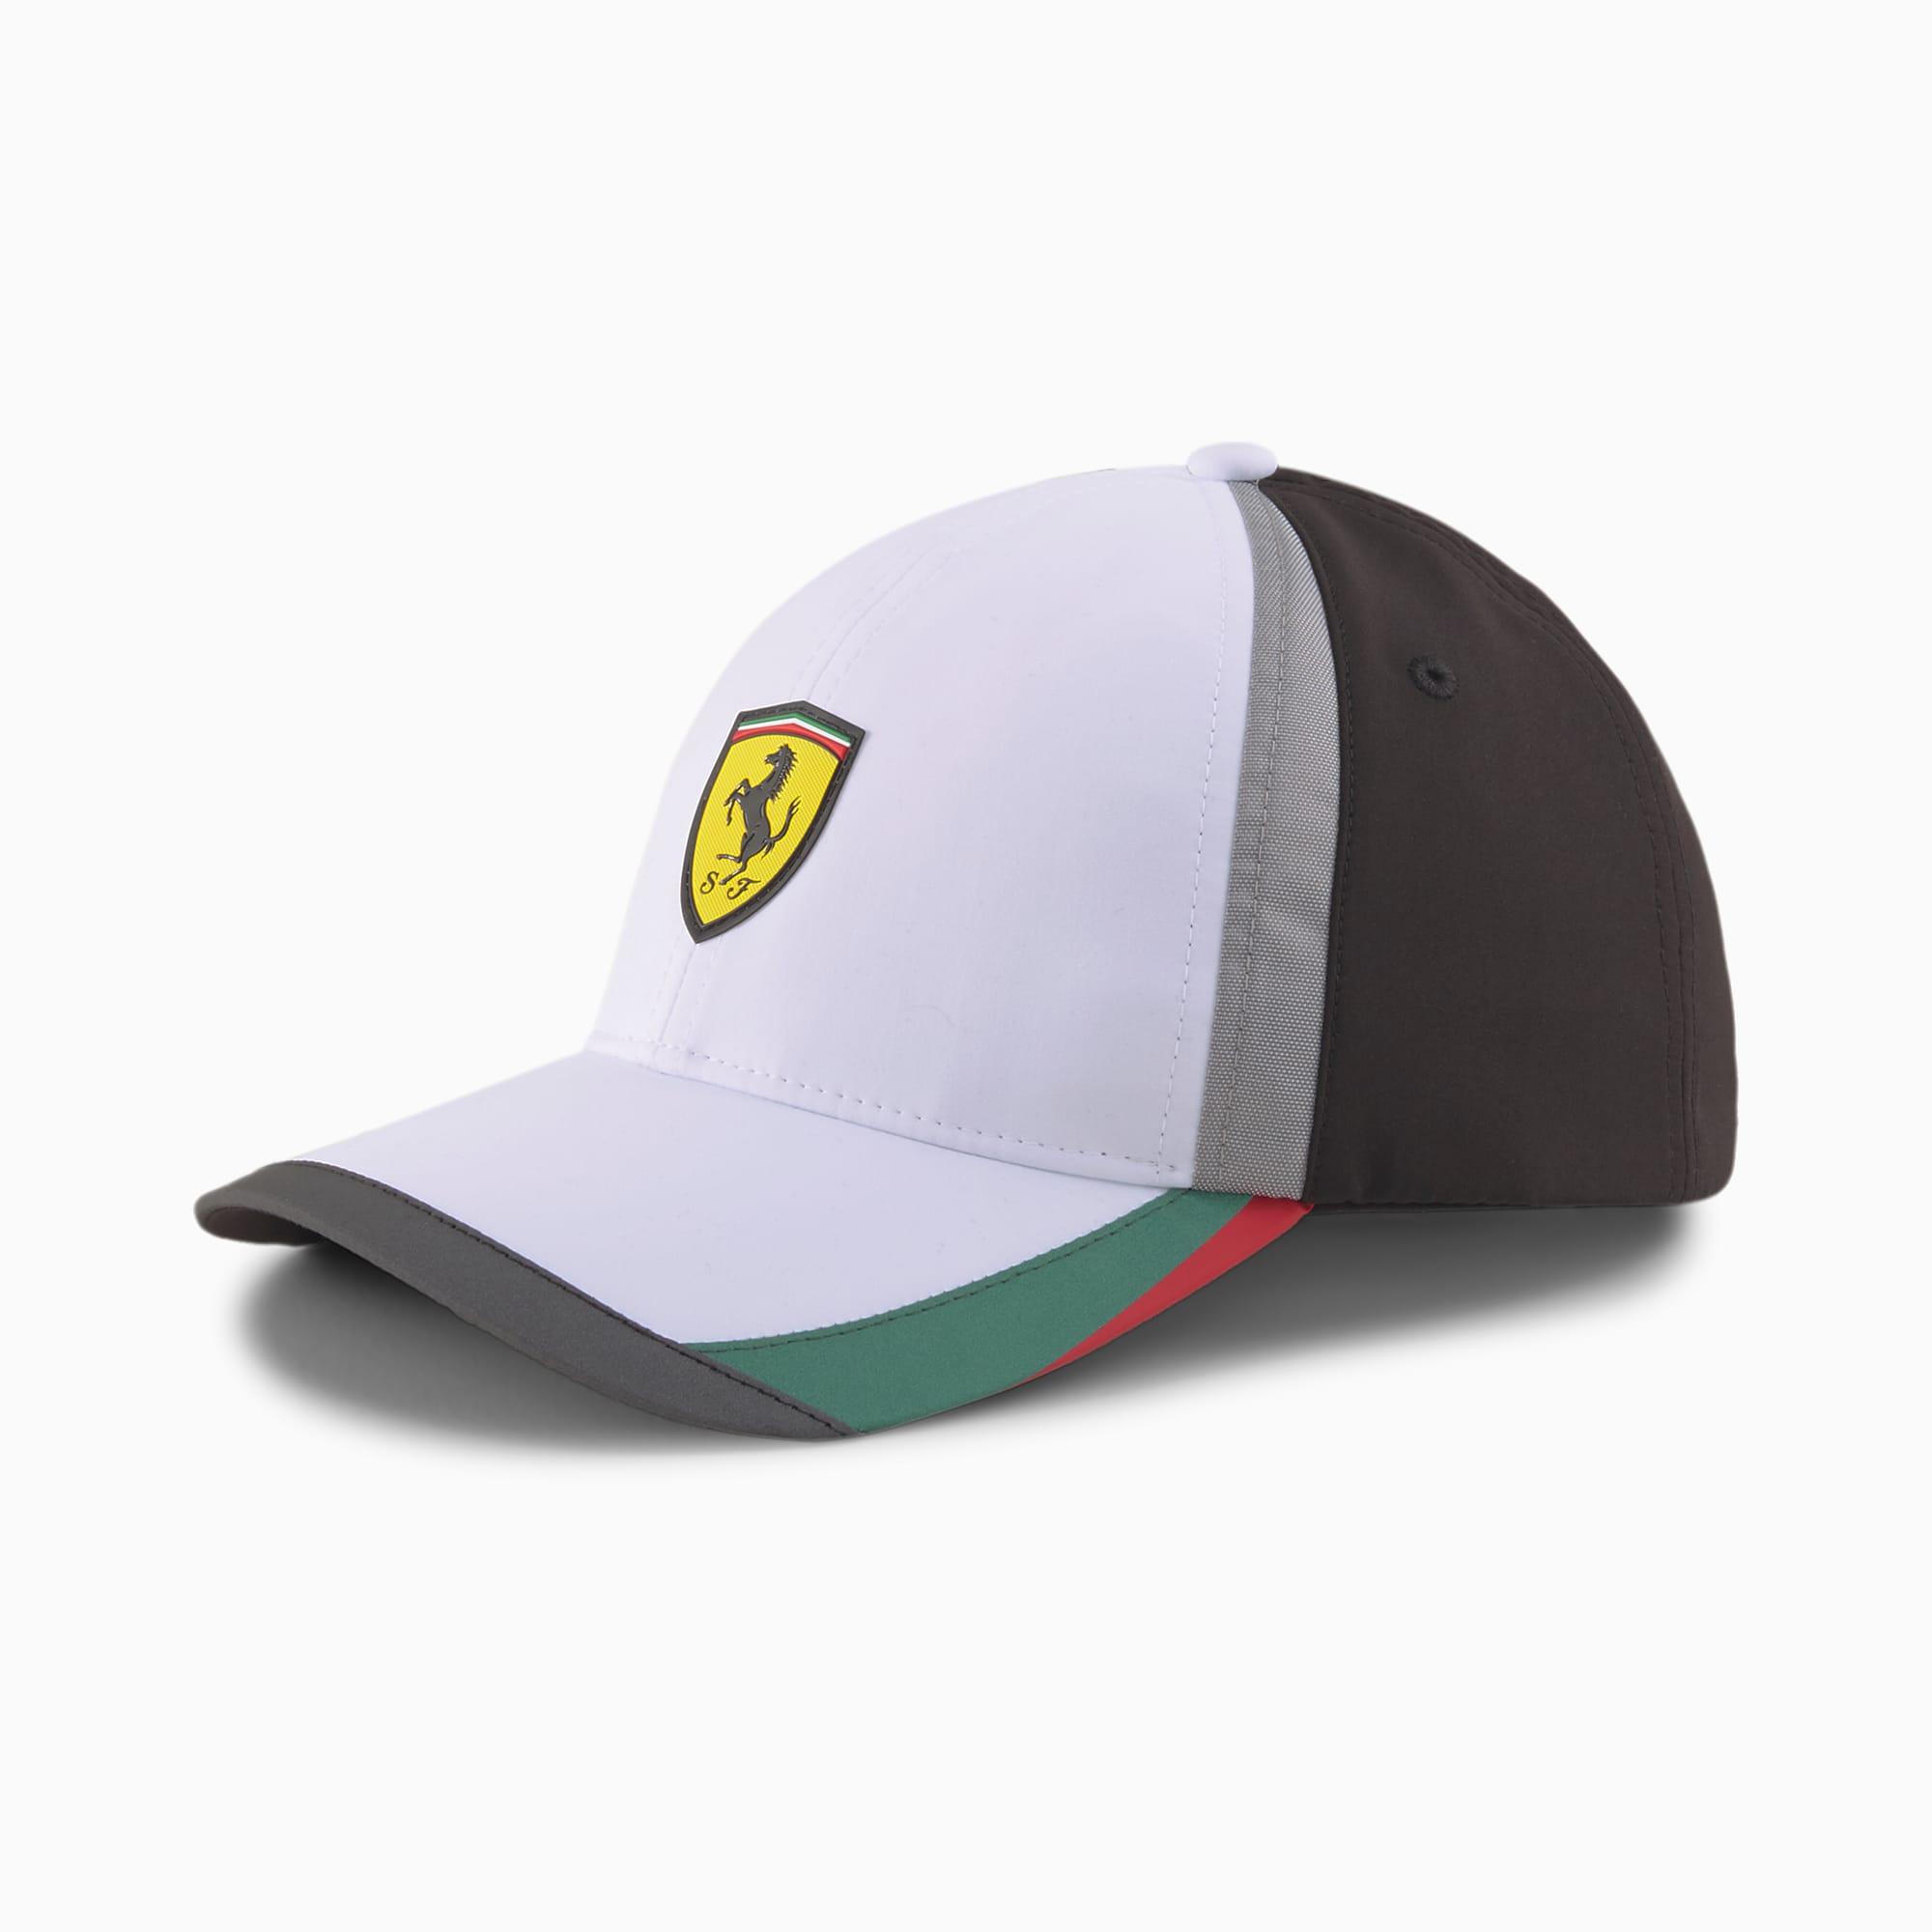 Casquette de baseball Scuderia Ferrari, Blanc, Accessoires - PUMA - Modalova